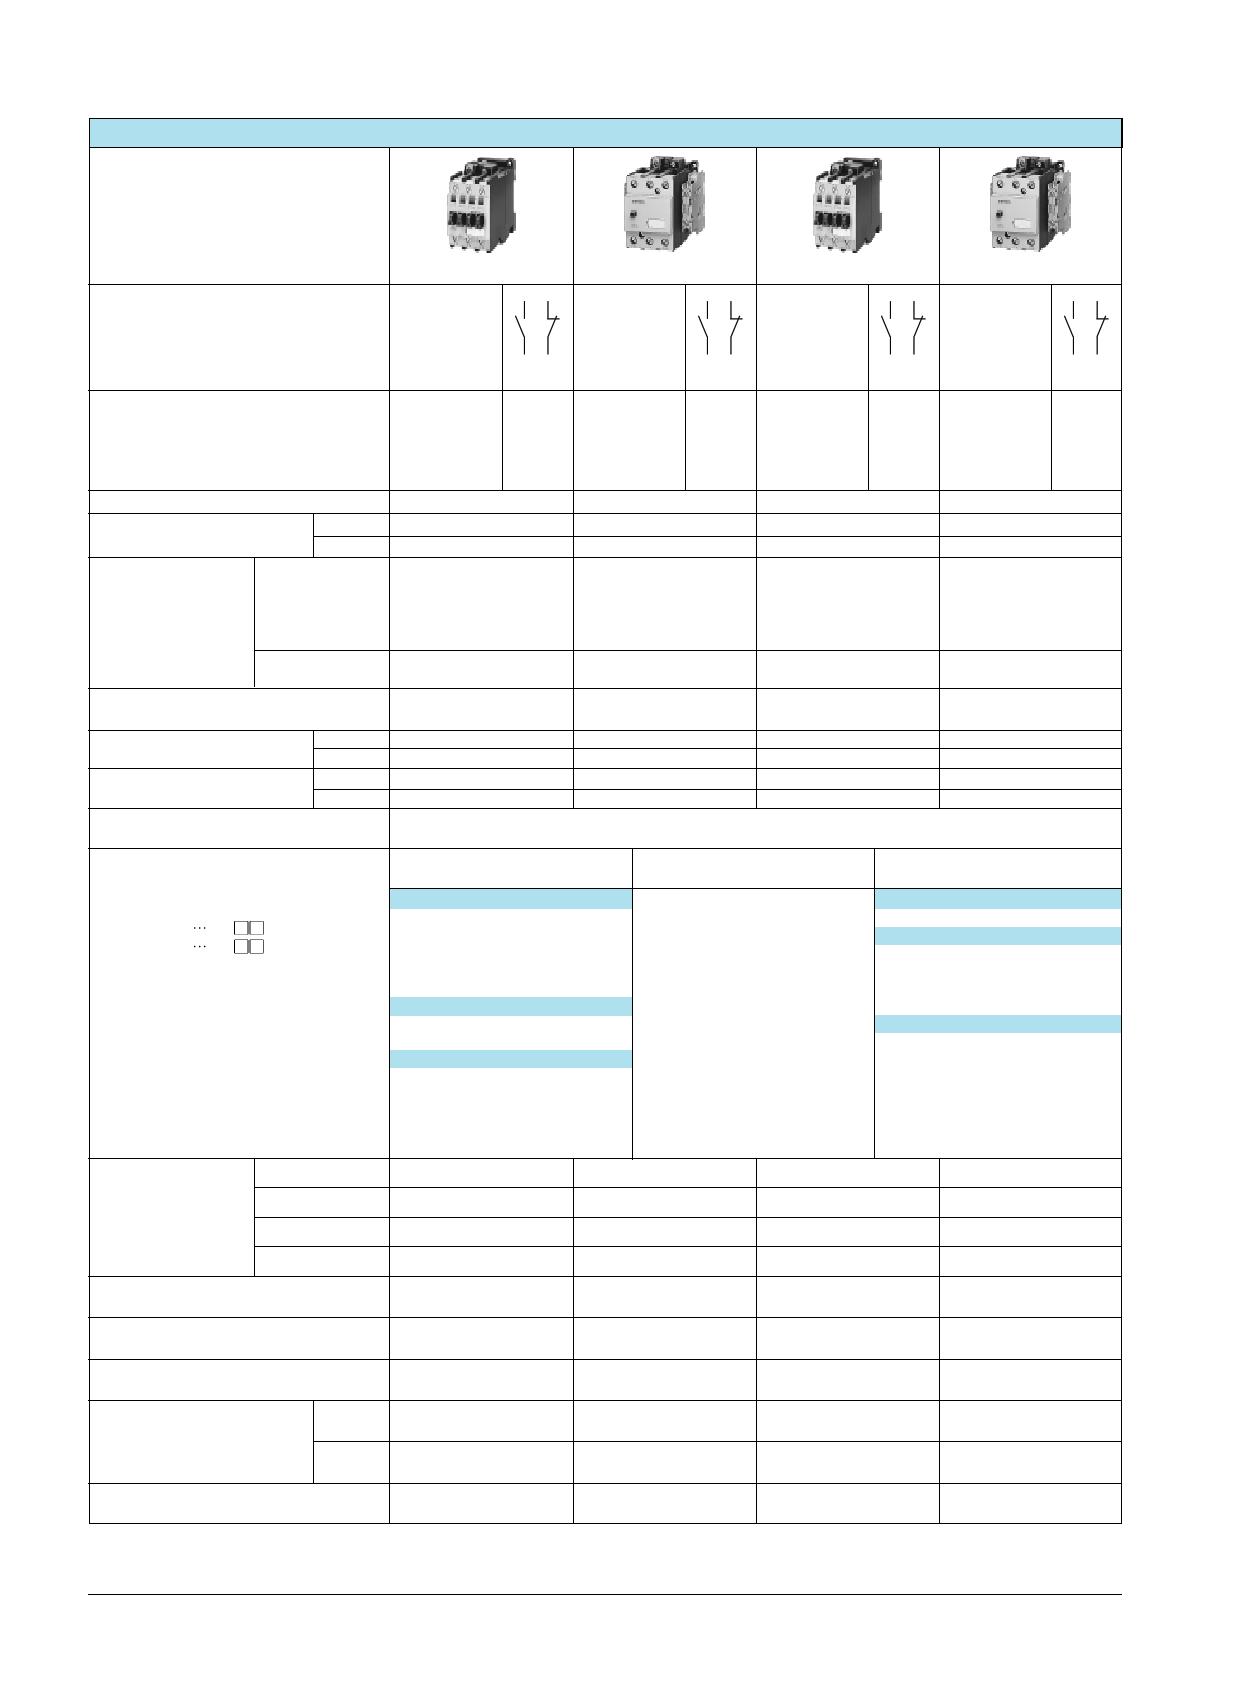 3TF56 pdf, 電子部品, 半導体, ピン配列